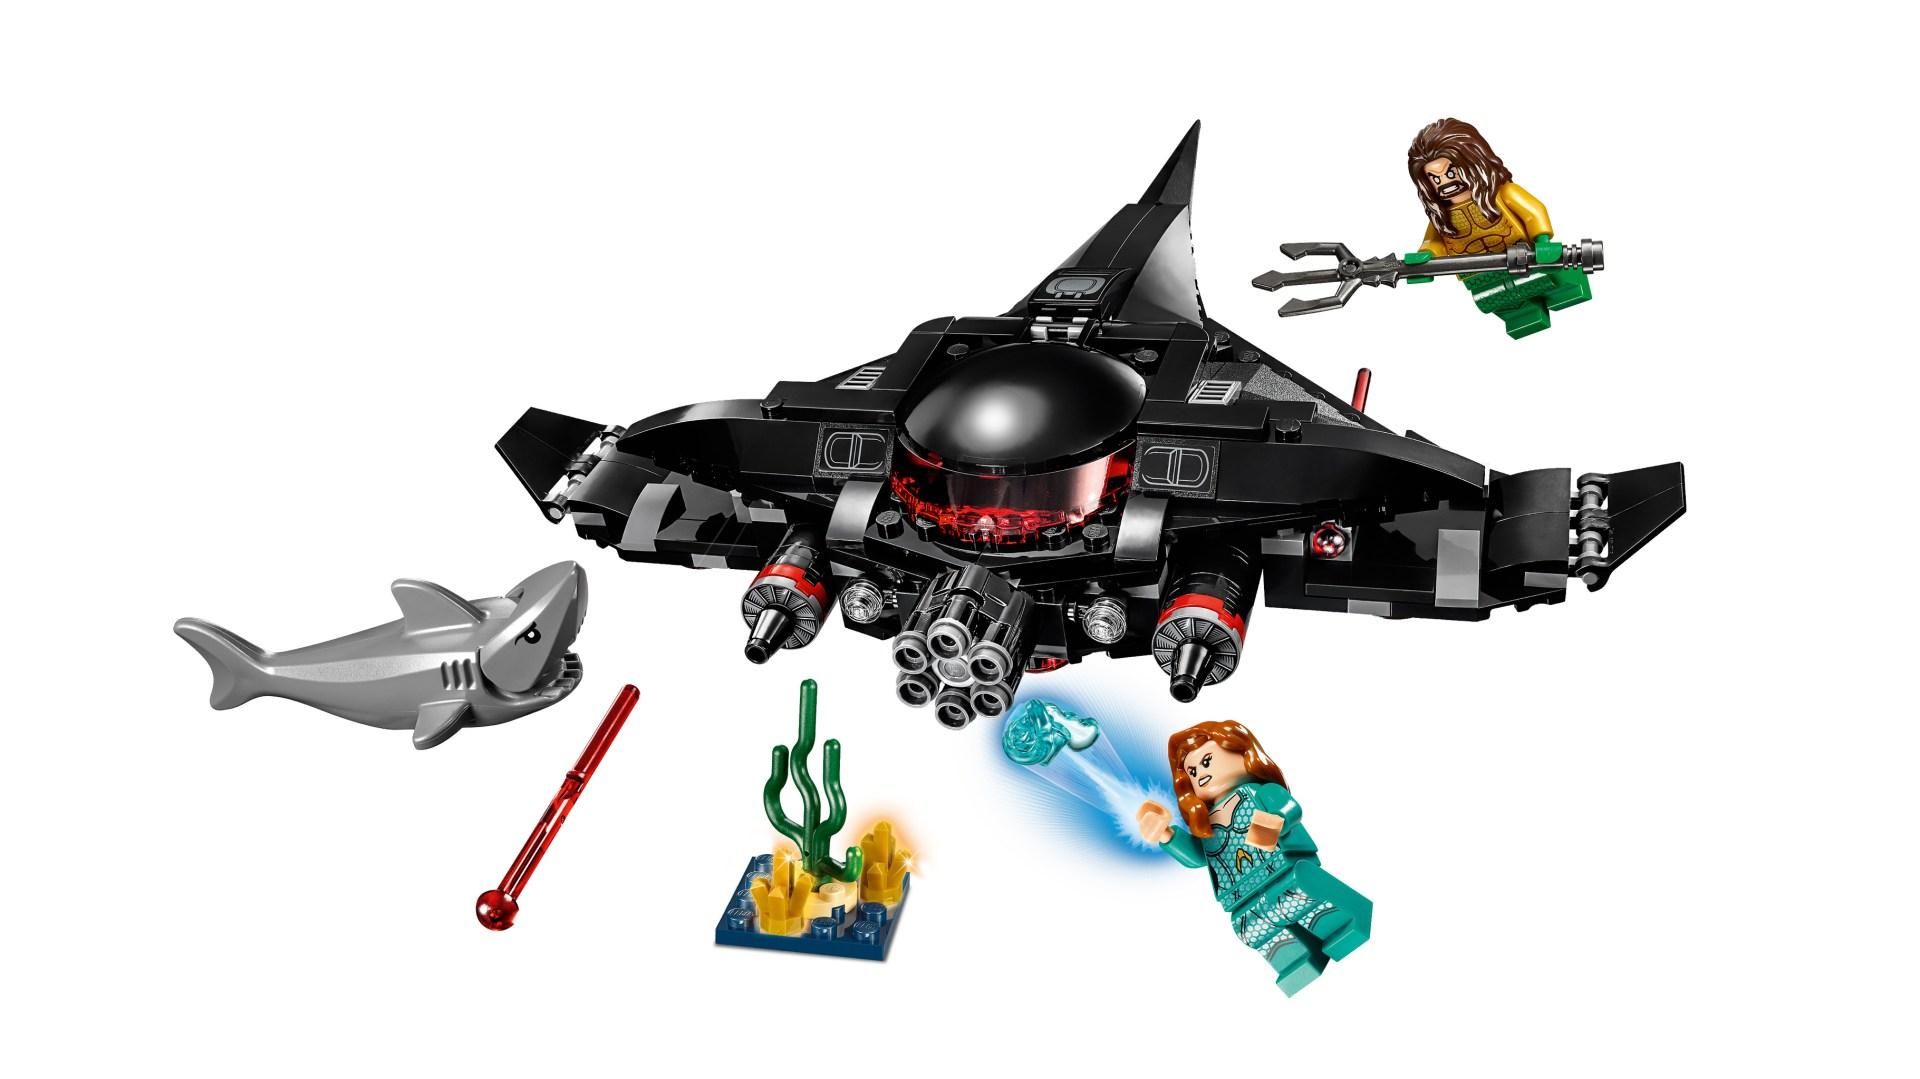 lego-dc-comics-super-heroes-aquaman-black-manta-strike-76095-details zusammengebaut.com